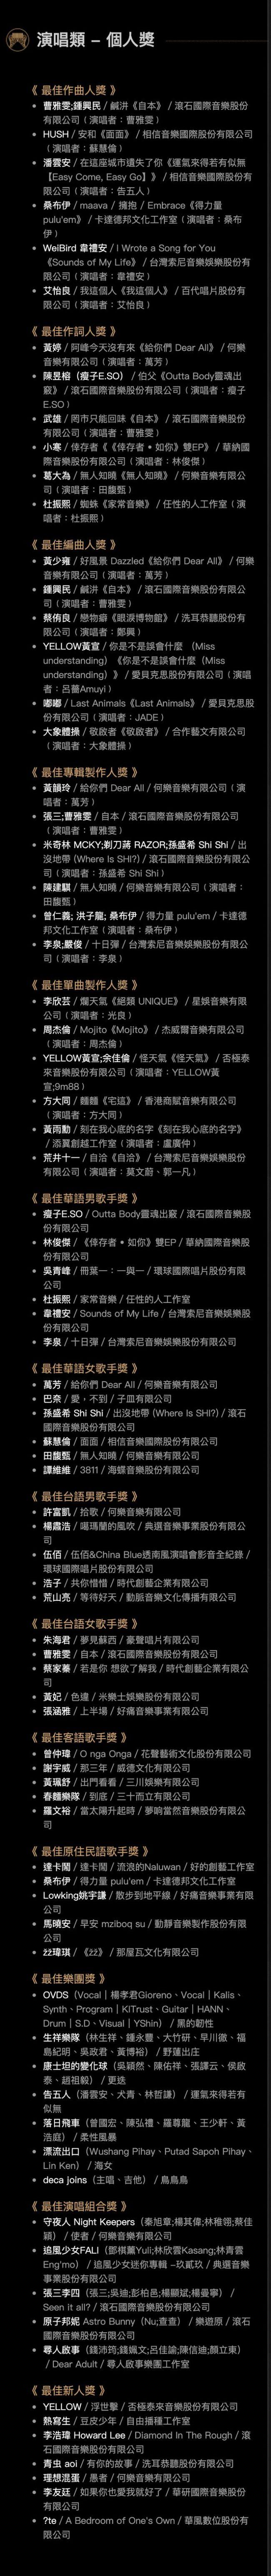 第32届金曲奖本周六如期举行 吴青峰林俊杰争歌王